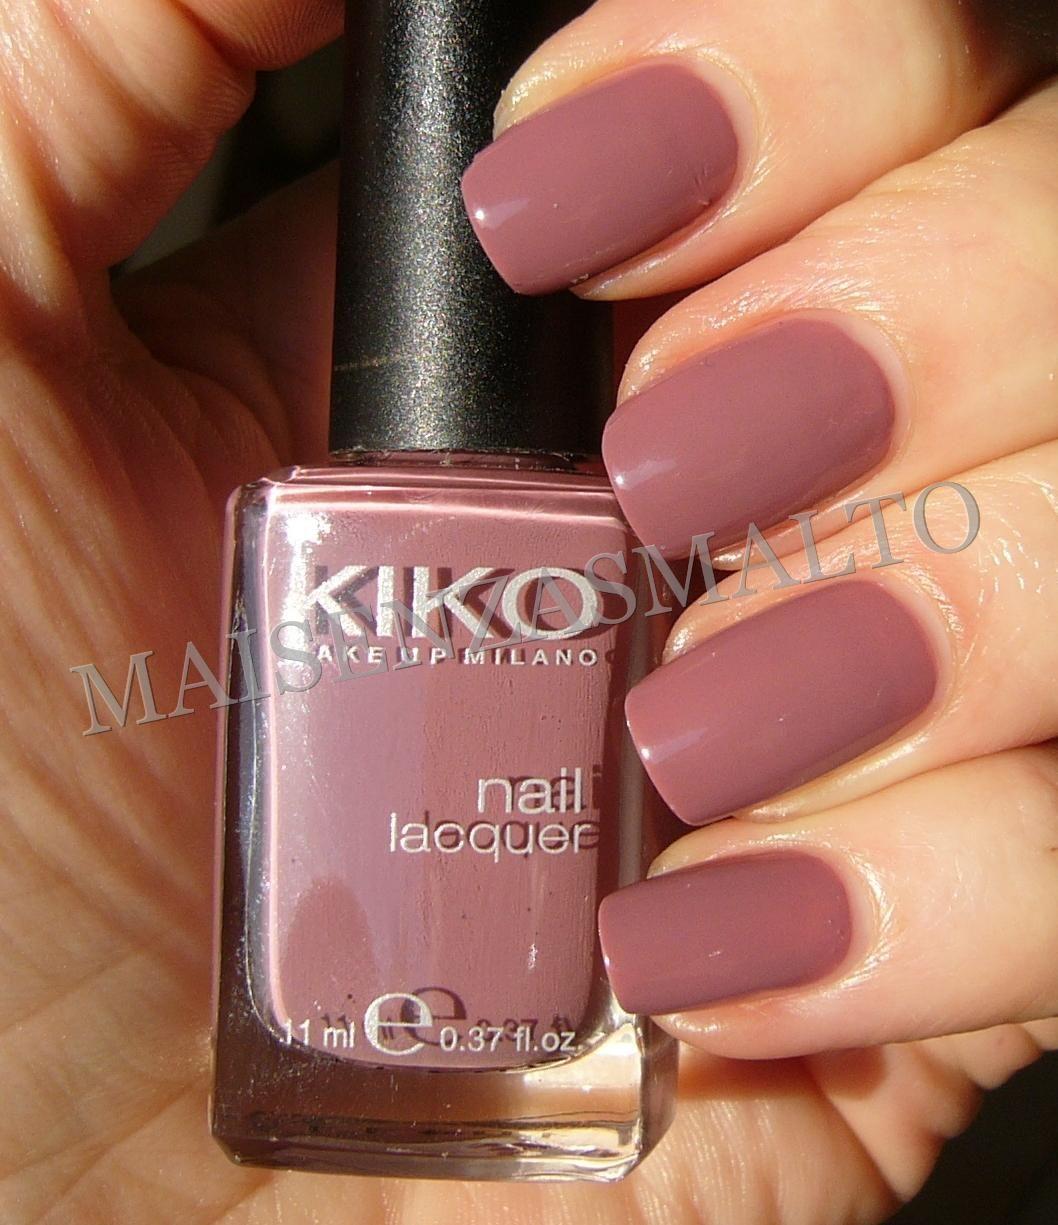 Kiko+318+su2_.jpg 1.058×1.225 pixel   Beauty   Pinterest